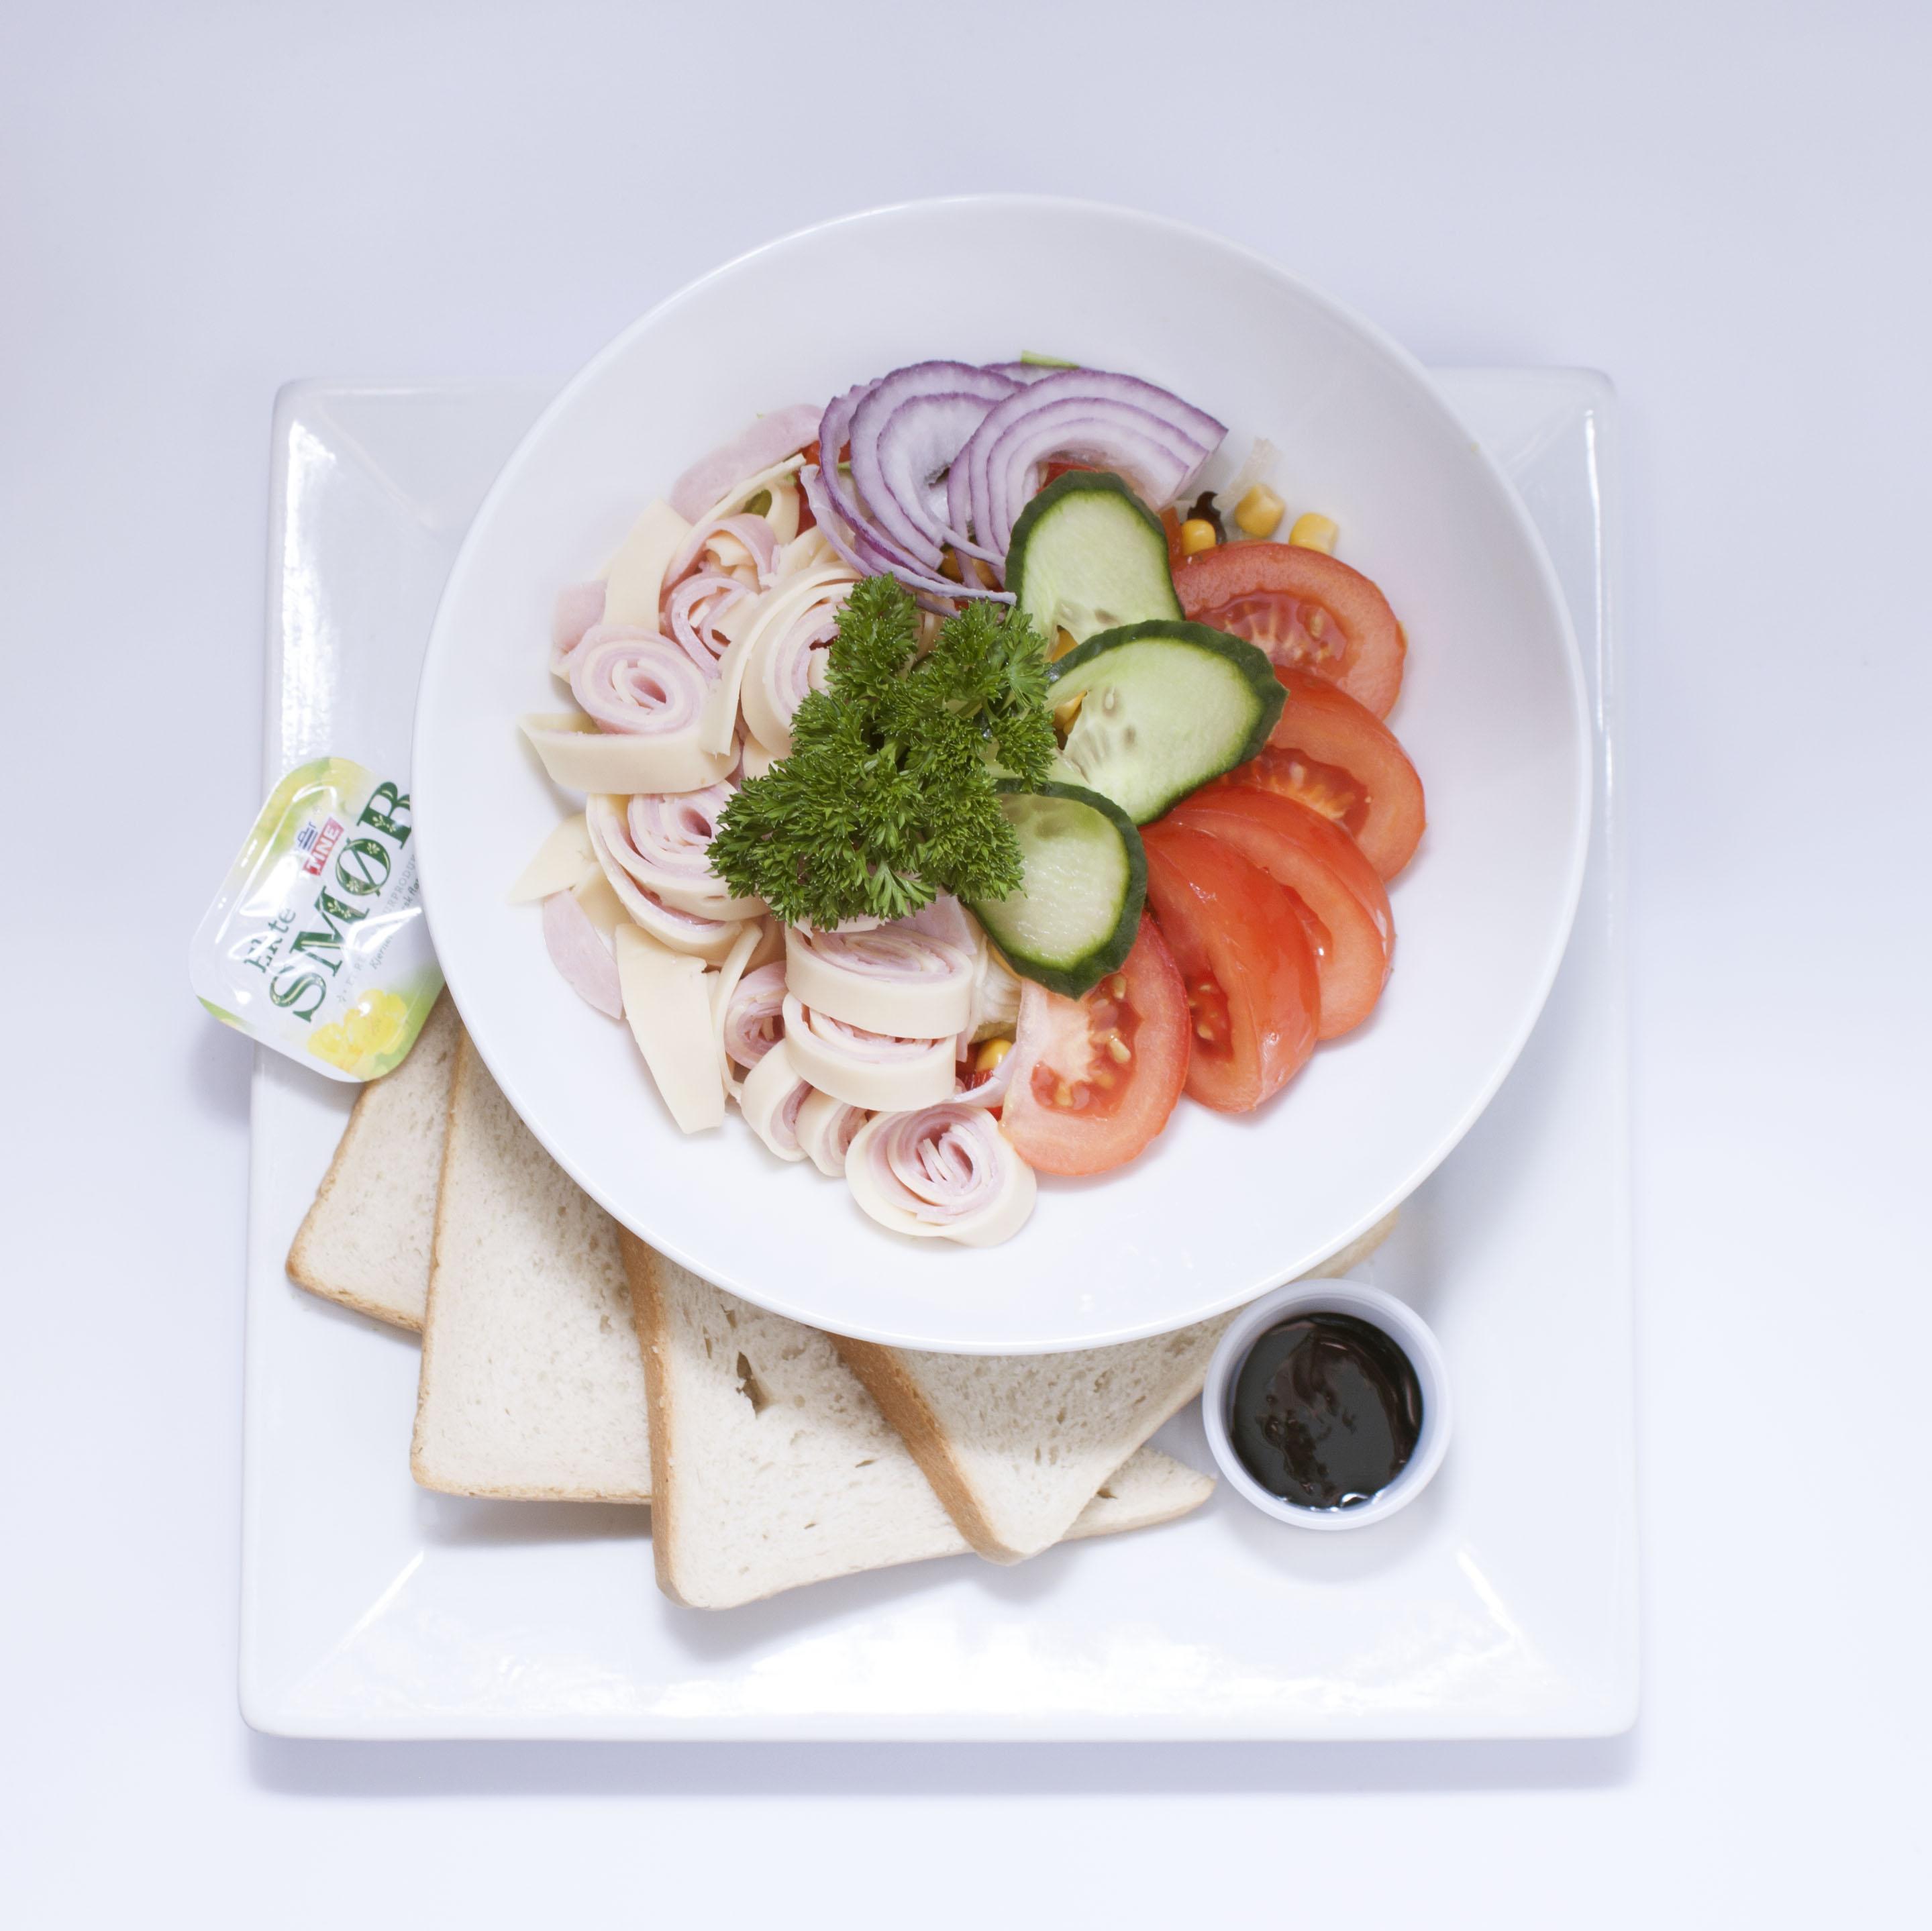 salat_skinkeOst_insta1